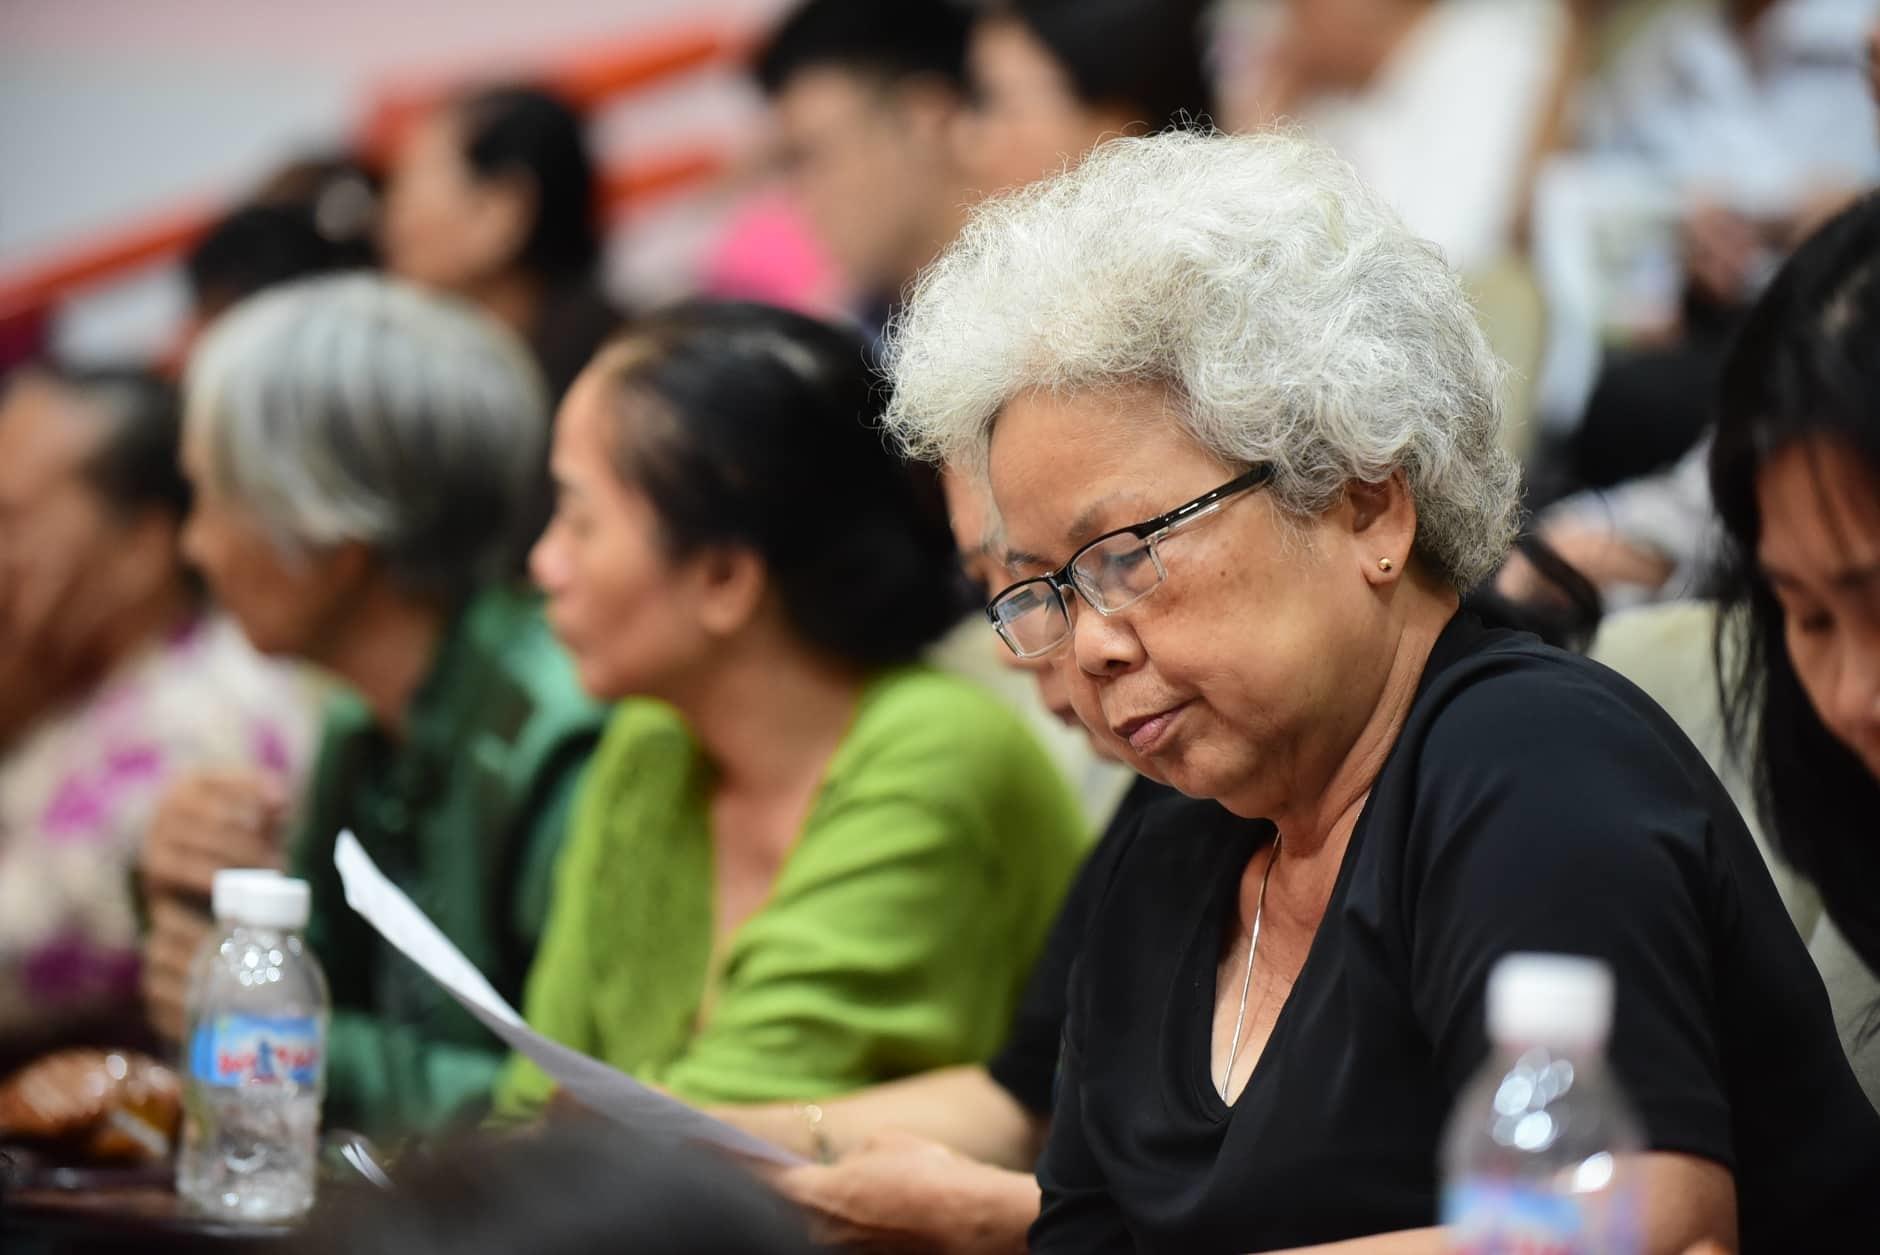 Cử tri quận 2 đề nghị đưa 'đại án Thủ Thiêm' ra Quốc hội